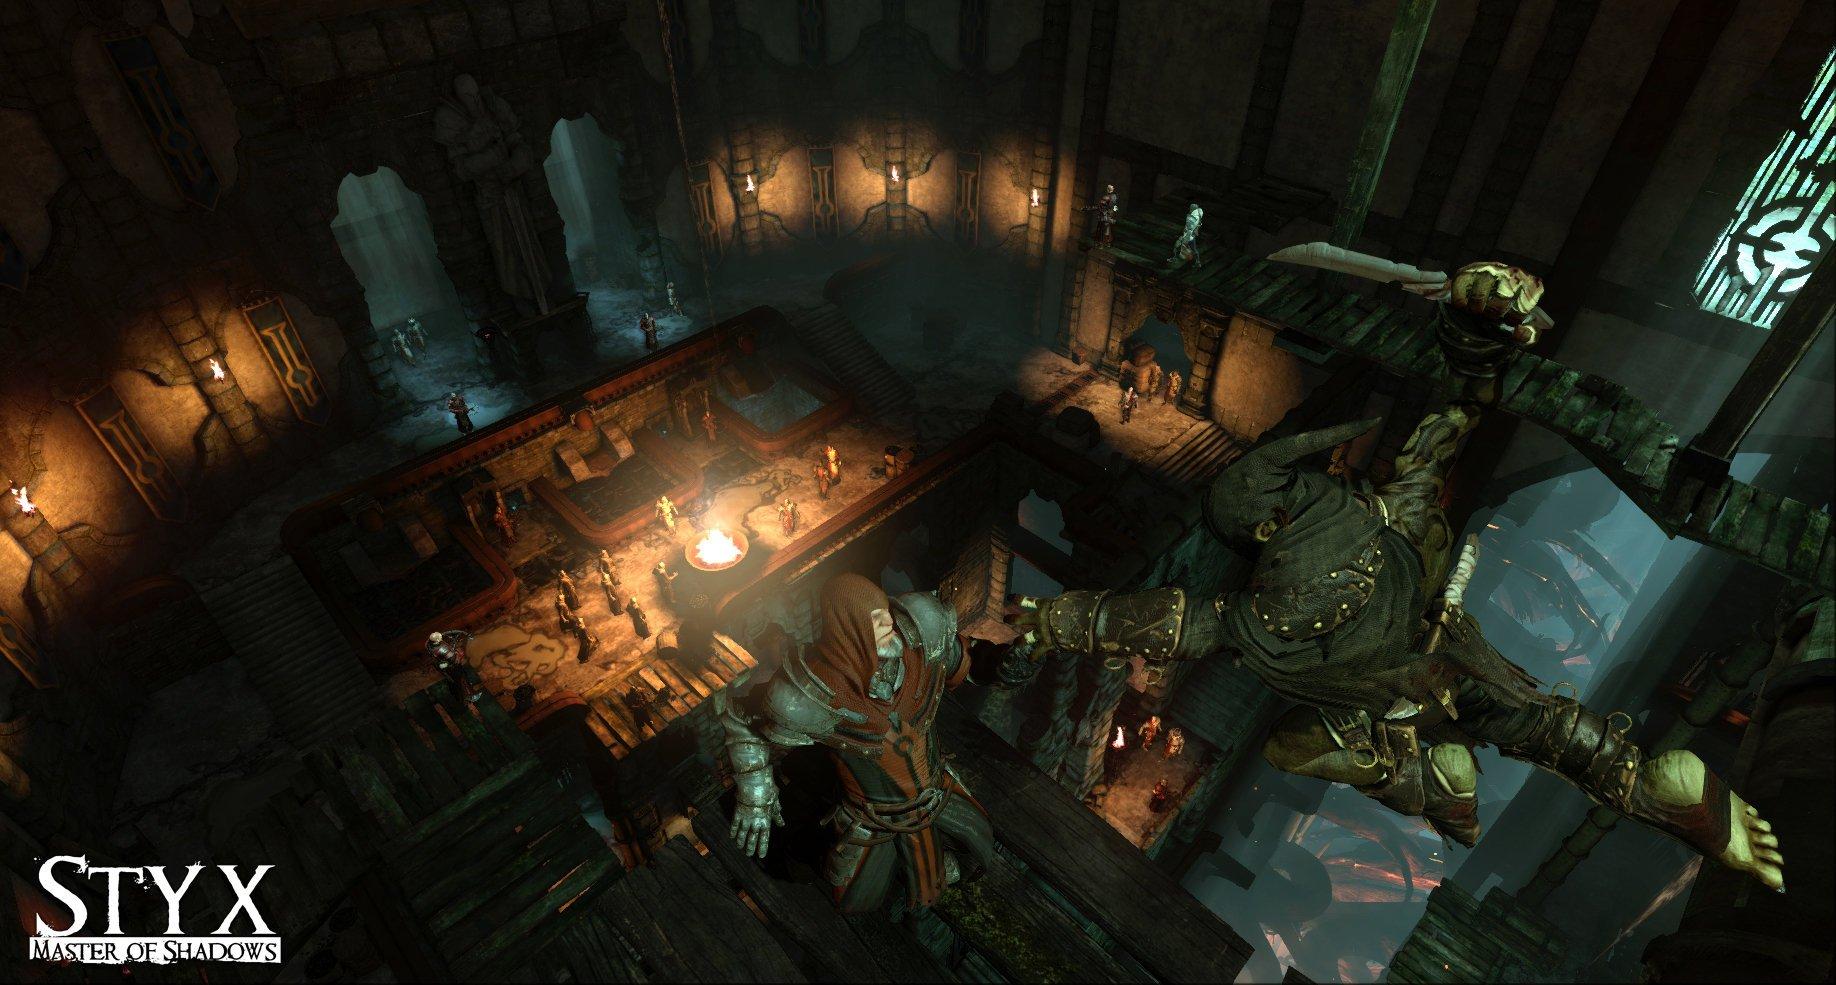 Styx Master of Shadows   Imgenes juego PC   3DJuegos 1836x985